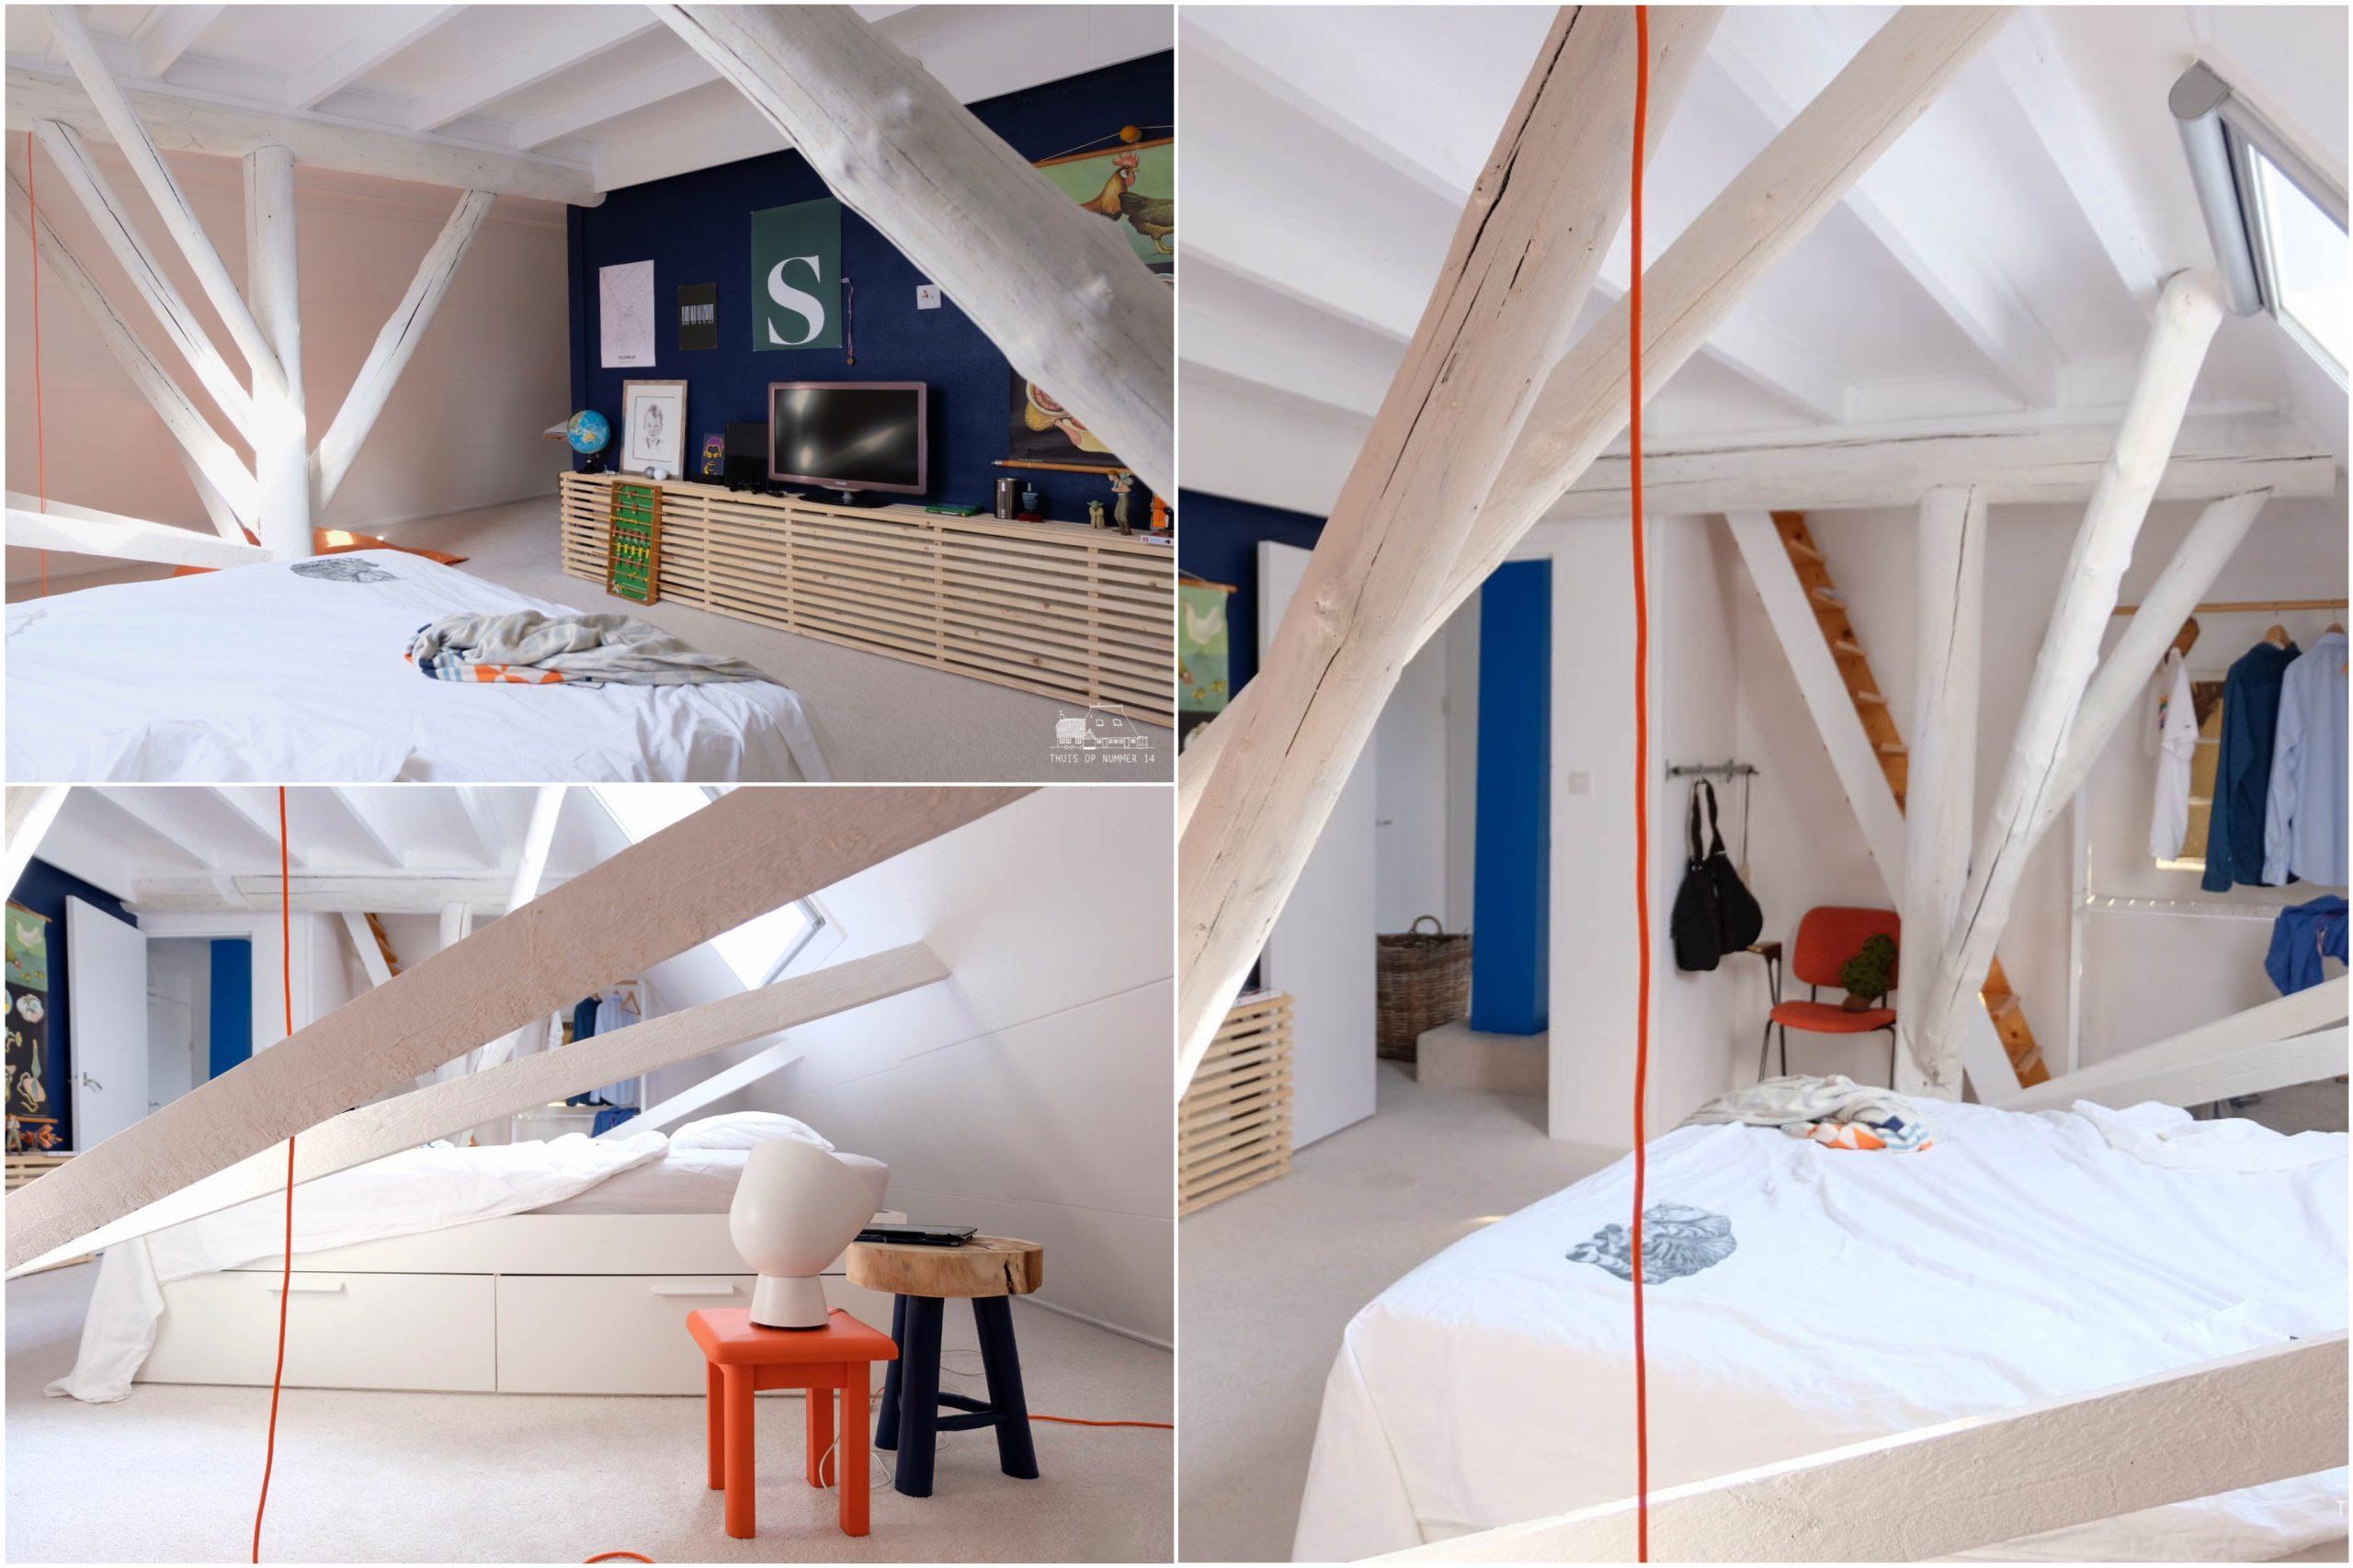 Slaapkamer Stijn thuisopnummer14